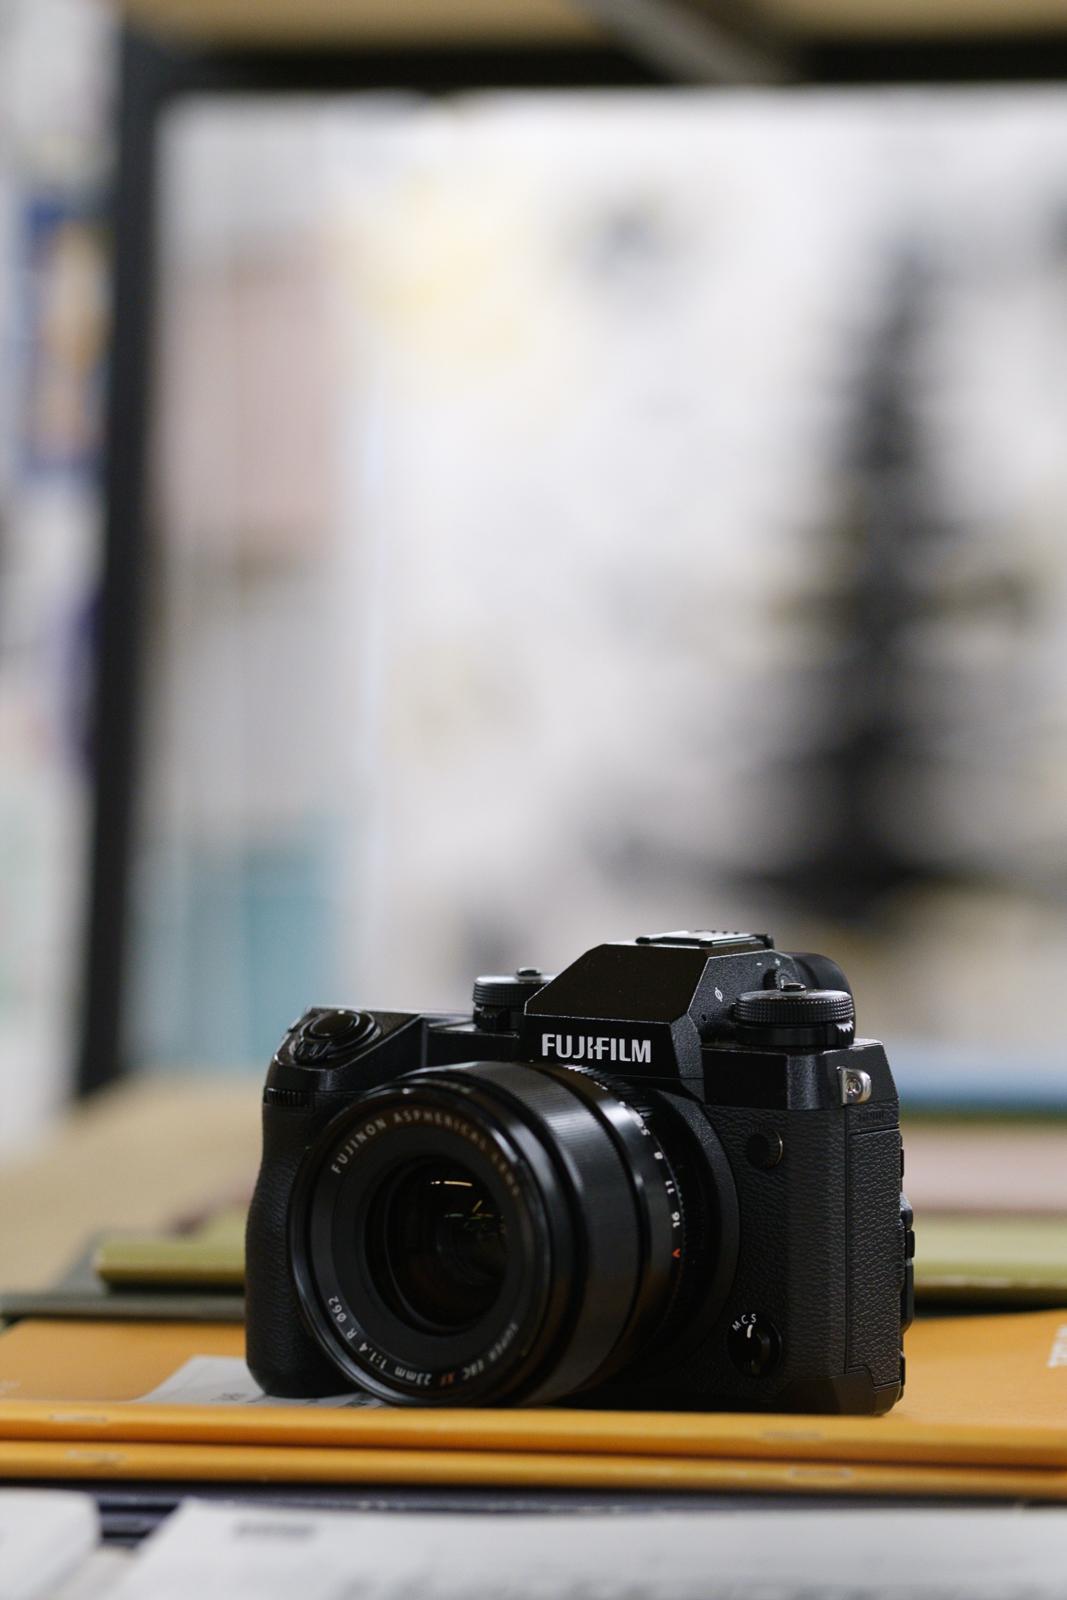 Fujifilm 2 X-T3 2.8 X-T3